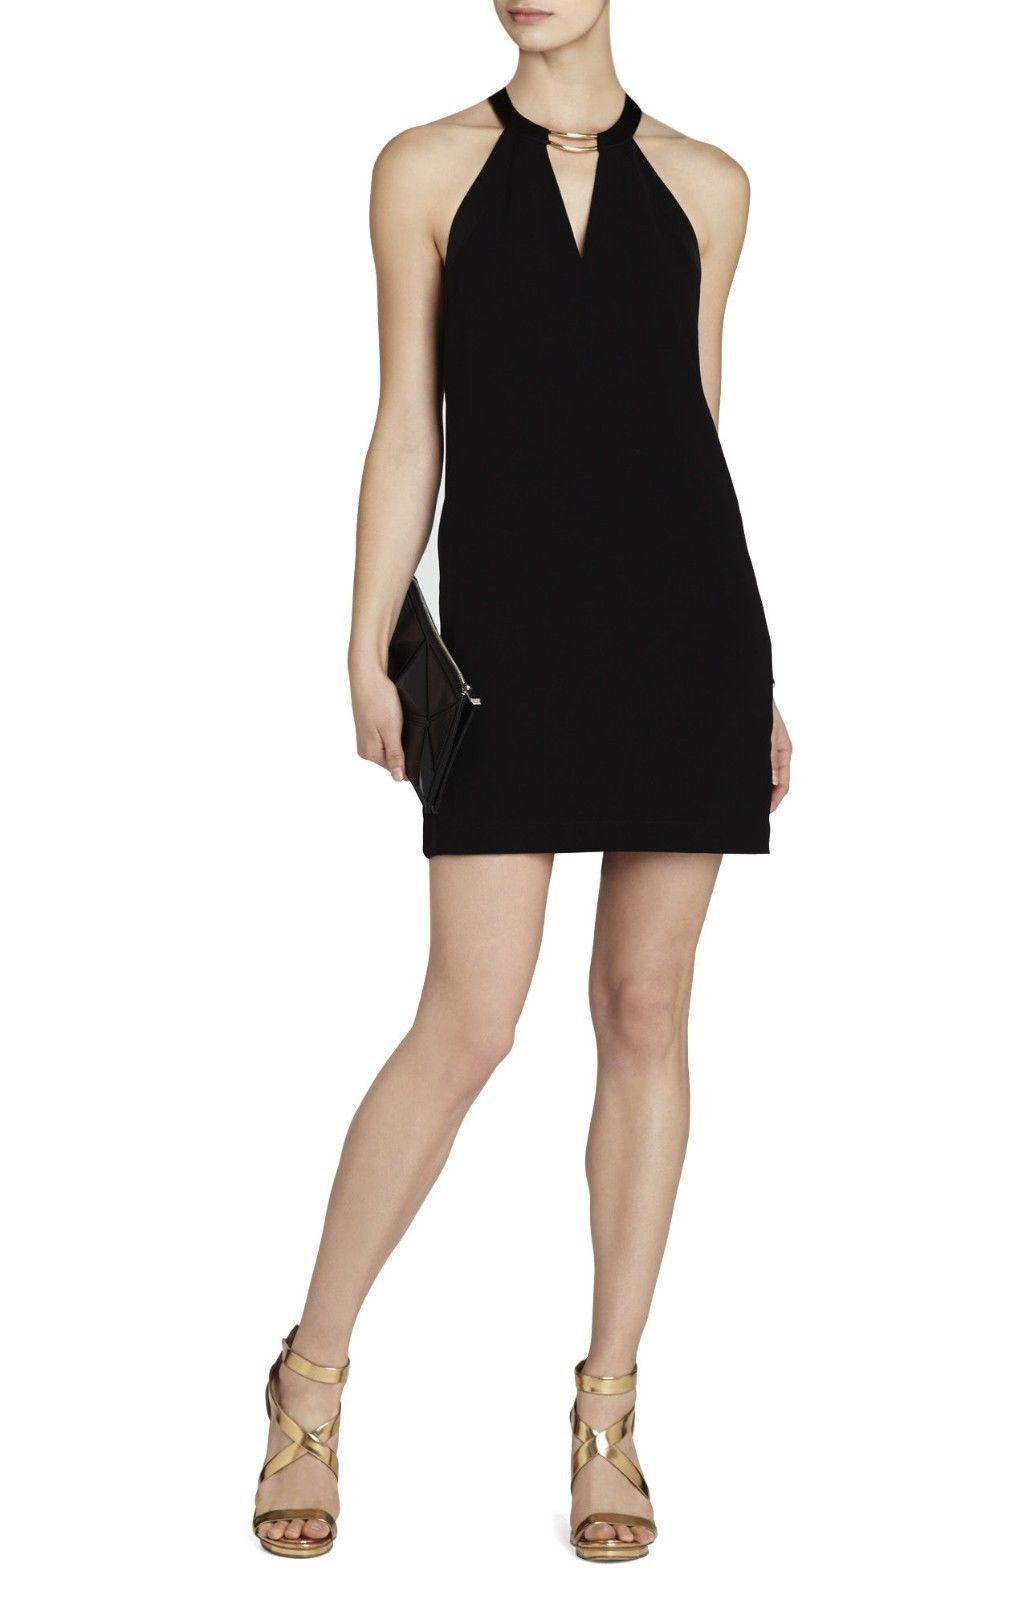 BcbgMaxAzria Kiley schwarz Tuxedo Stripe Halter Dress Größe M